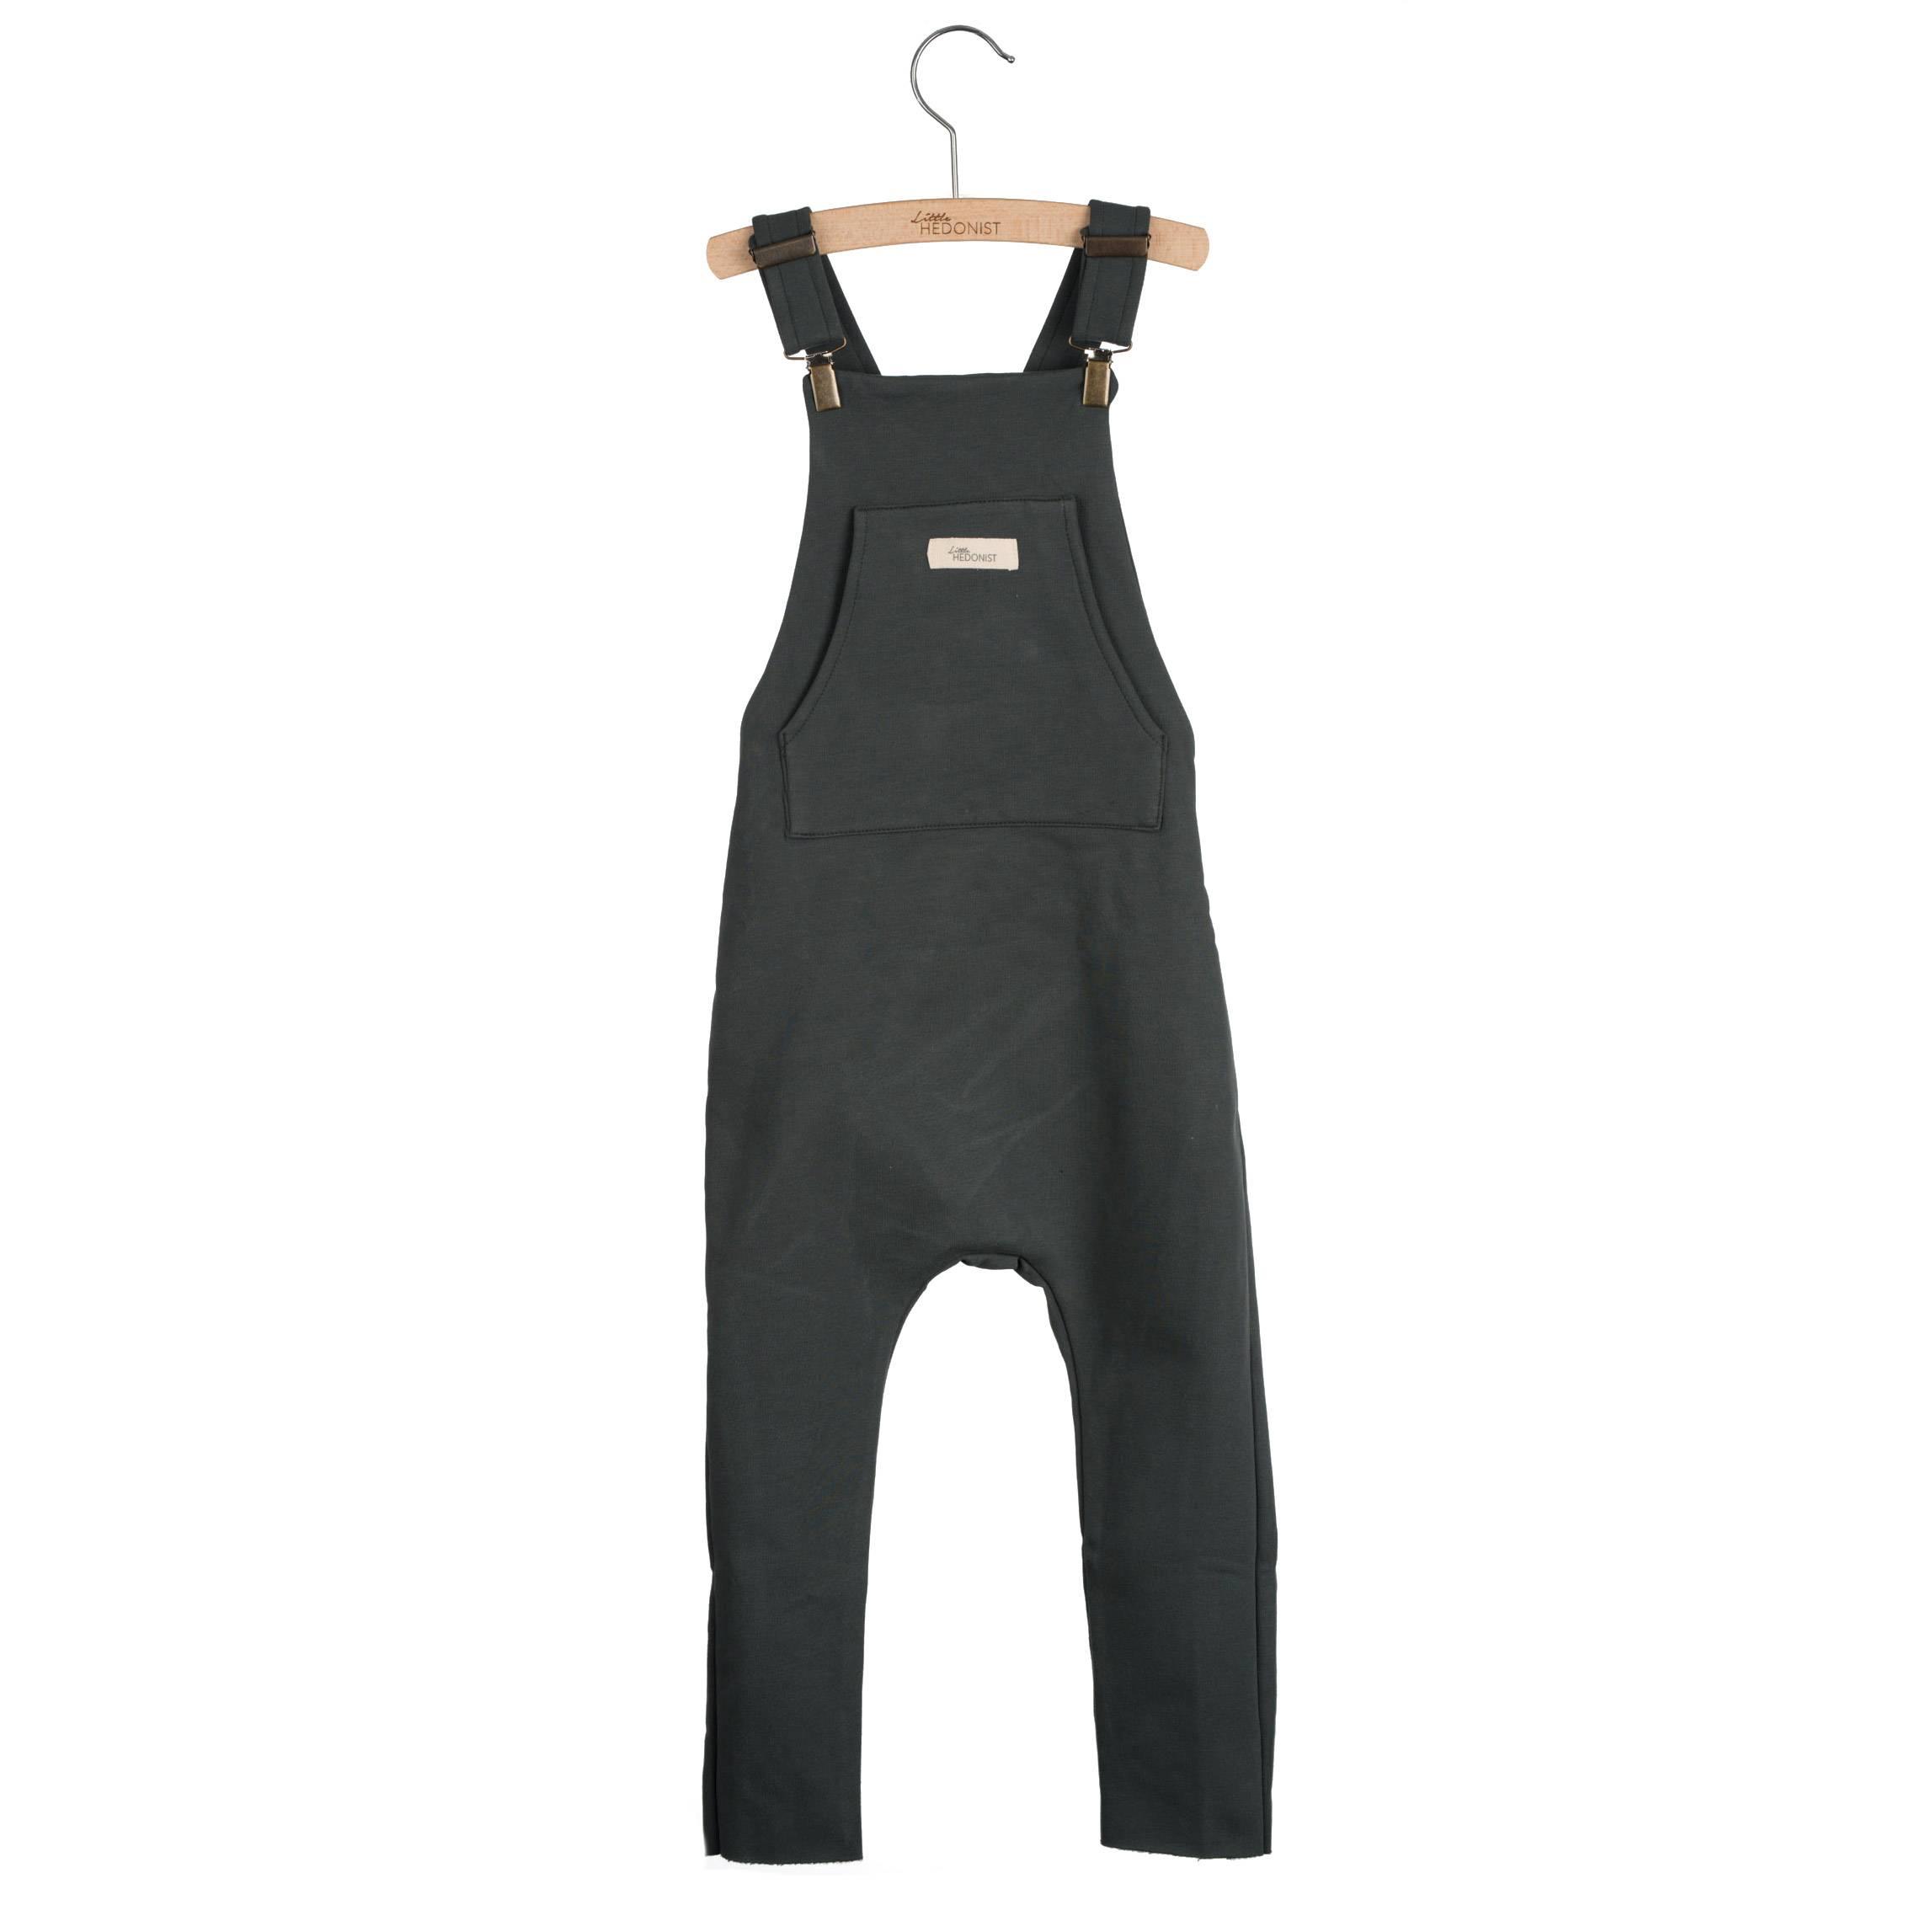 13d030df Sort svart bukse til barn, snekkerbukse fra Litte Hedonist, Lola ...